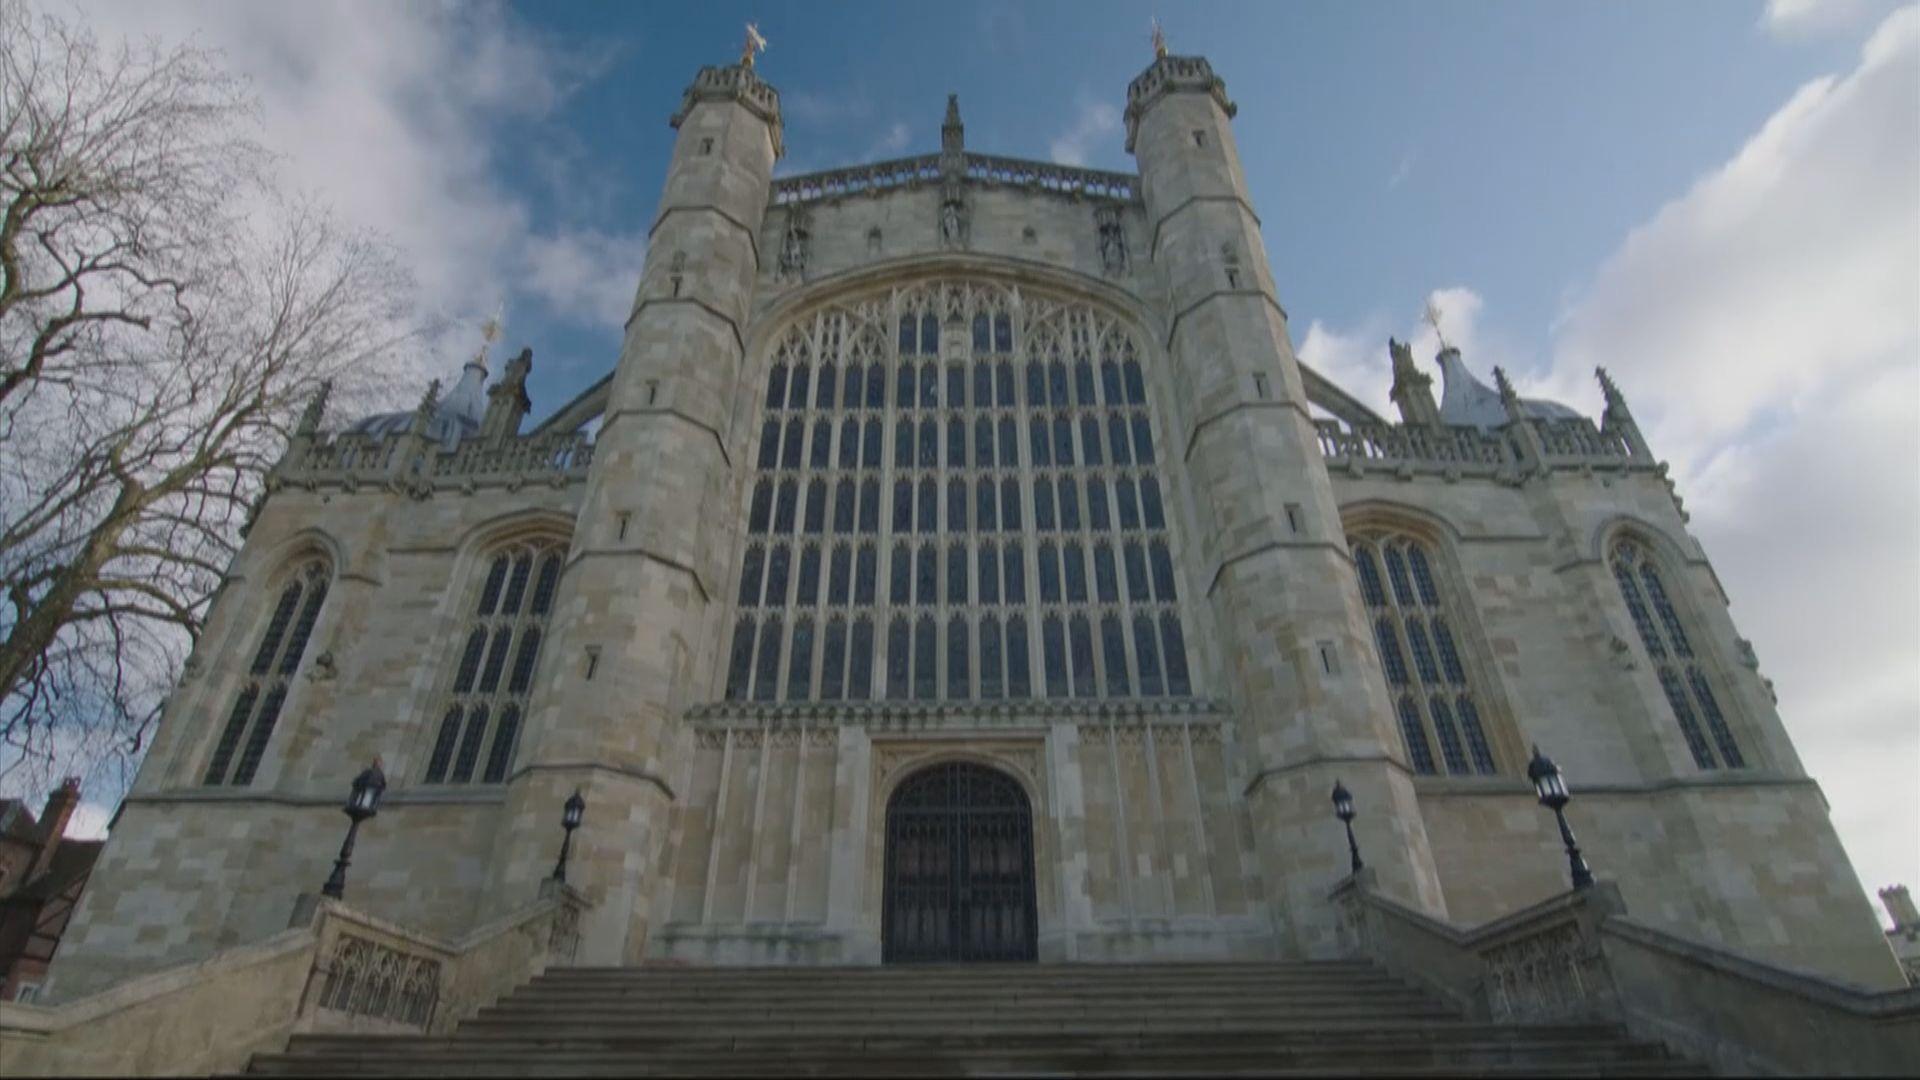 菲臘親王逝世 喪禮將於溫莎堡聖喬治教堂舉行